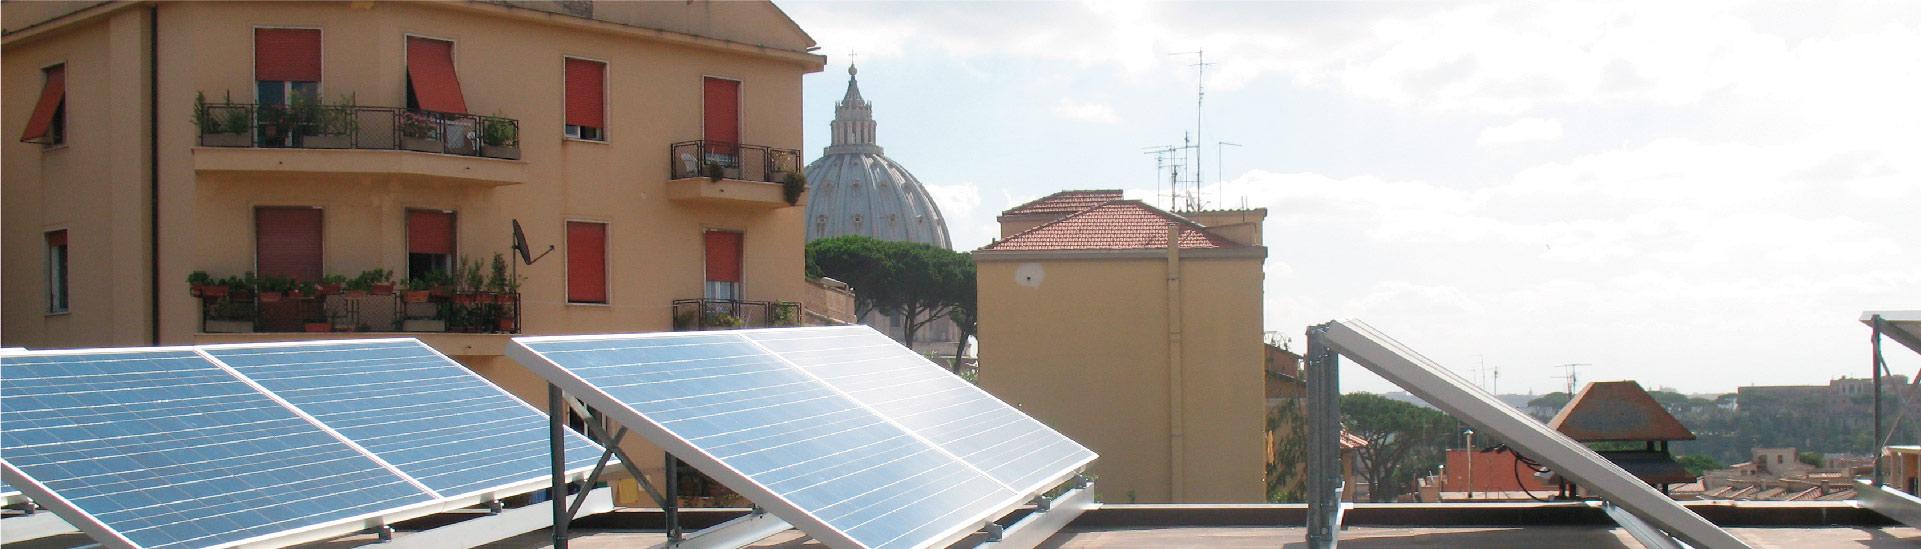 fotovoltaico e termodinamico a Serravalle di Chienti